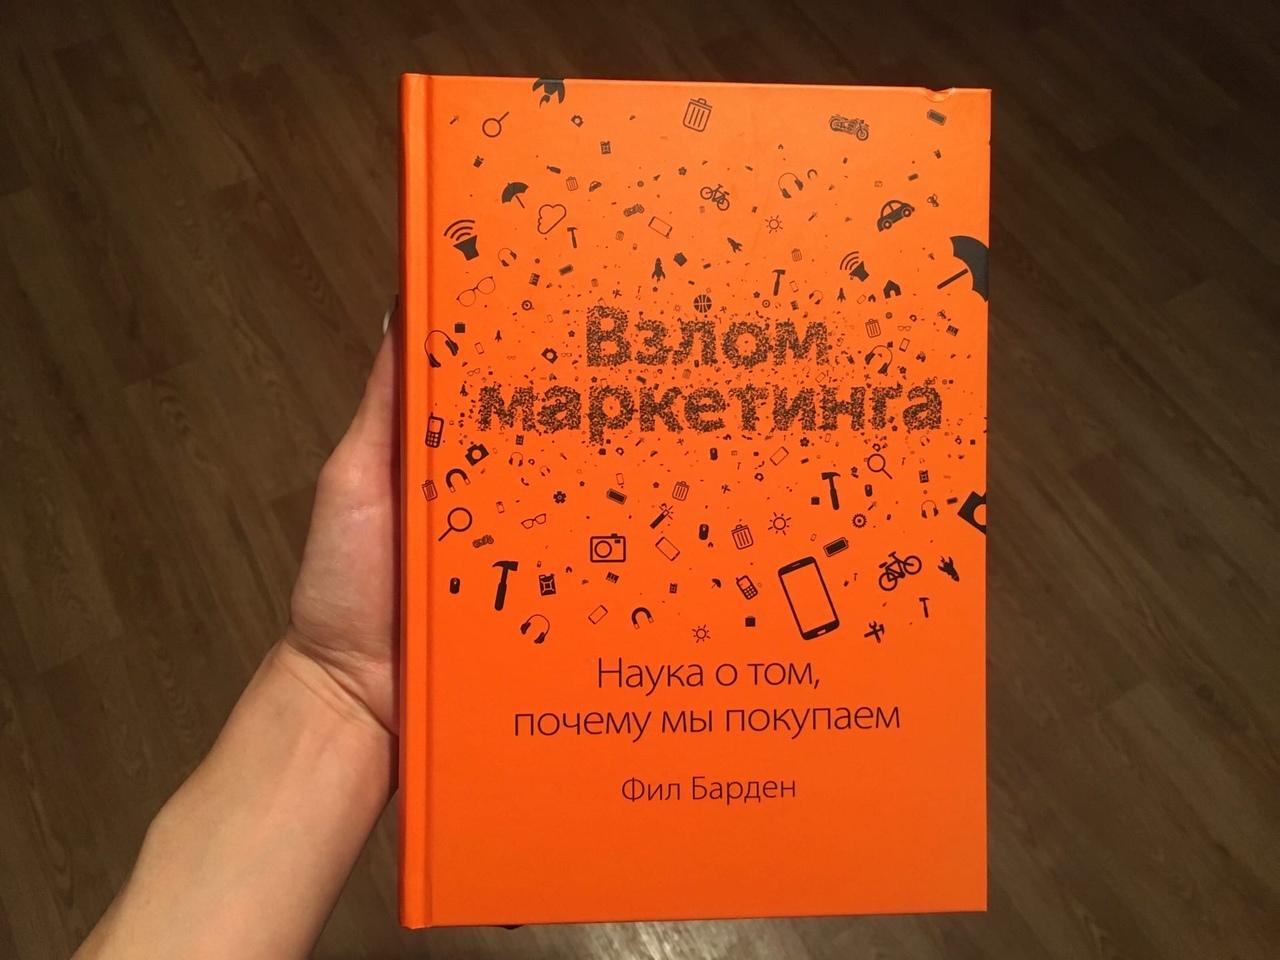 Взлом маркетинга | Марафон Интернет-маркетолога | День 6